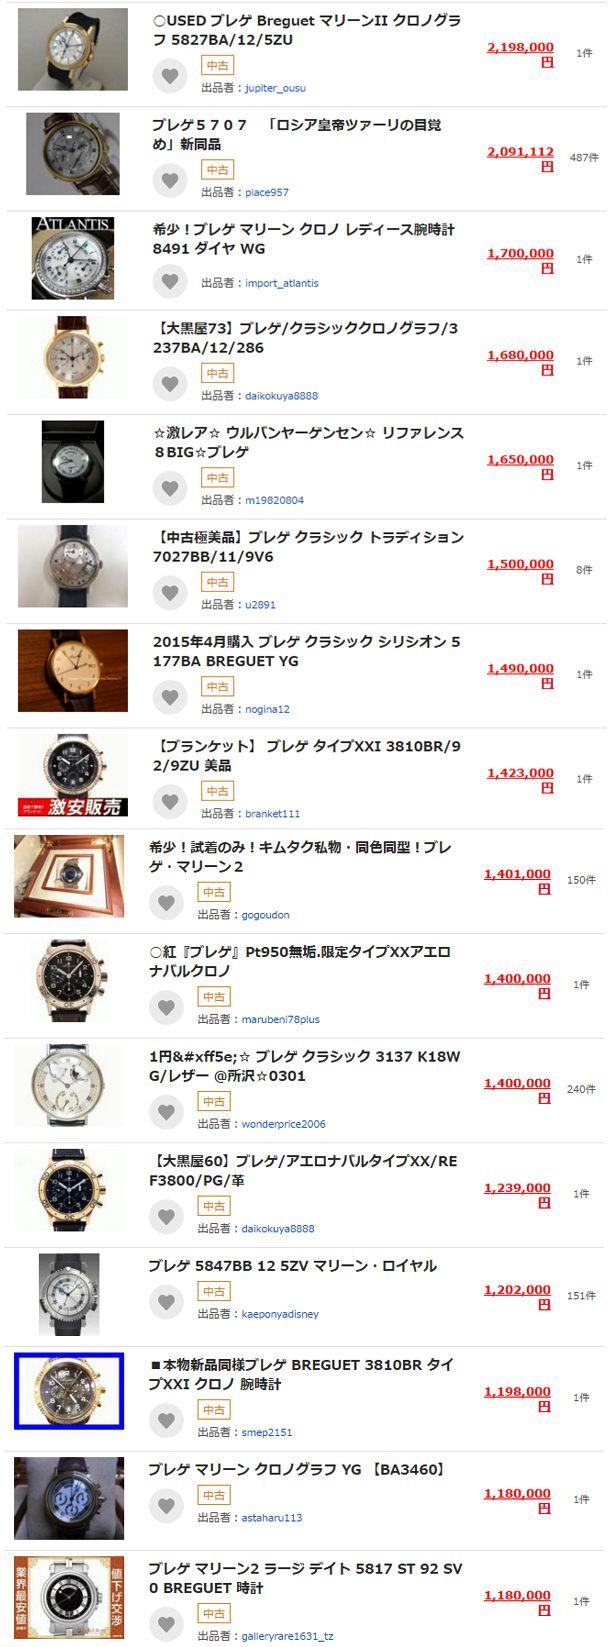 【Breguet×Auction Data】ブレゲ:史上最高の時計師の遺産を現代に伝承する世界5大時計ブランド